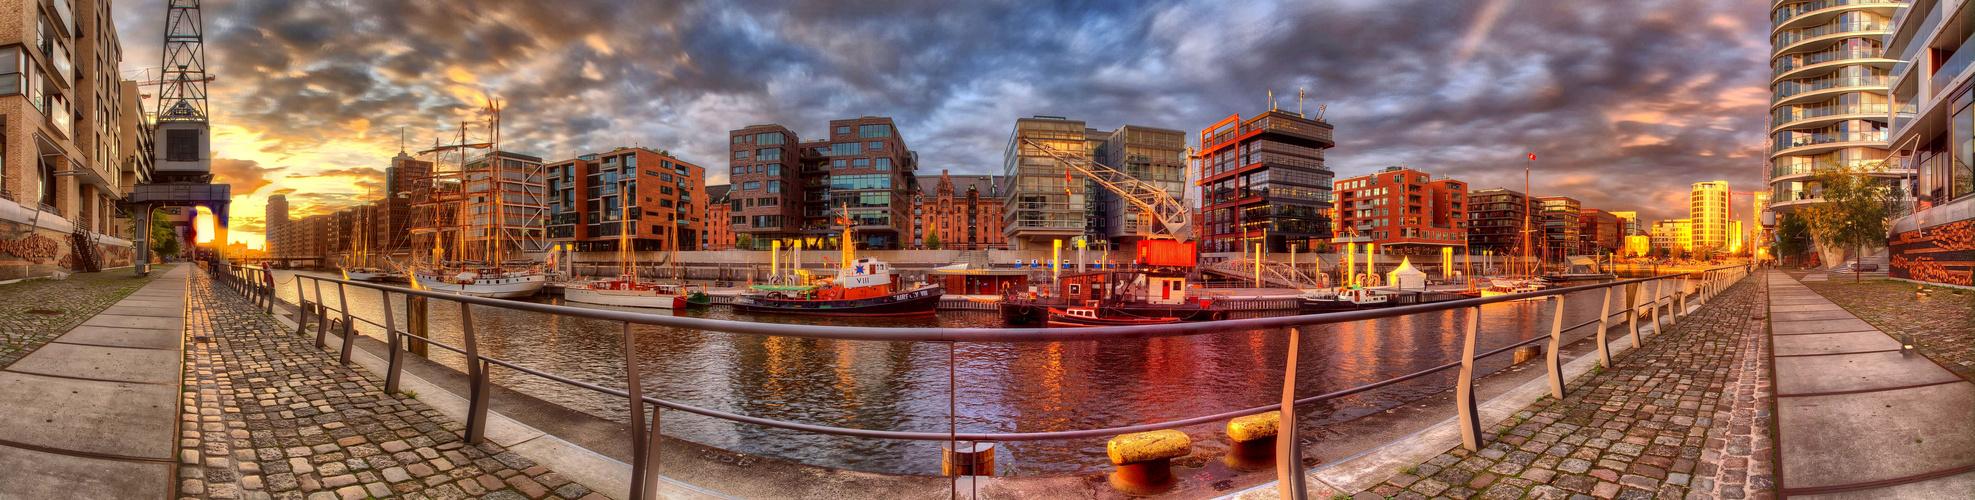 + Hafen City +